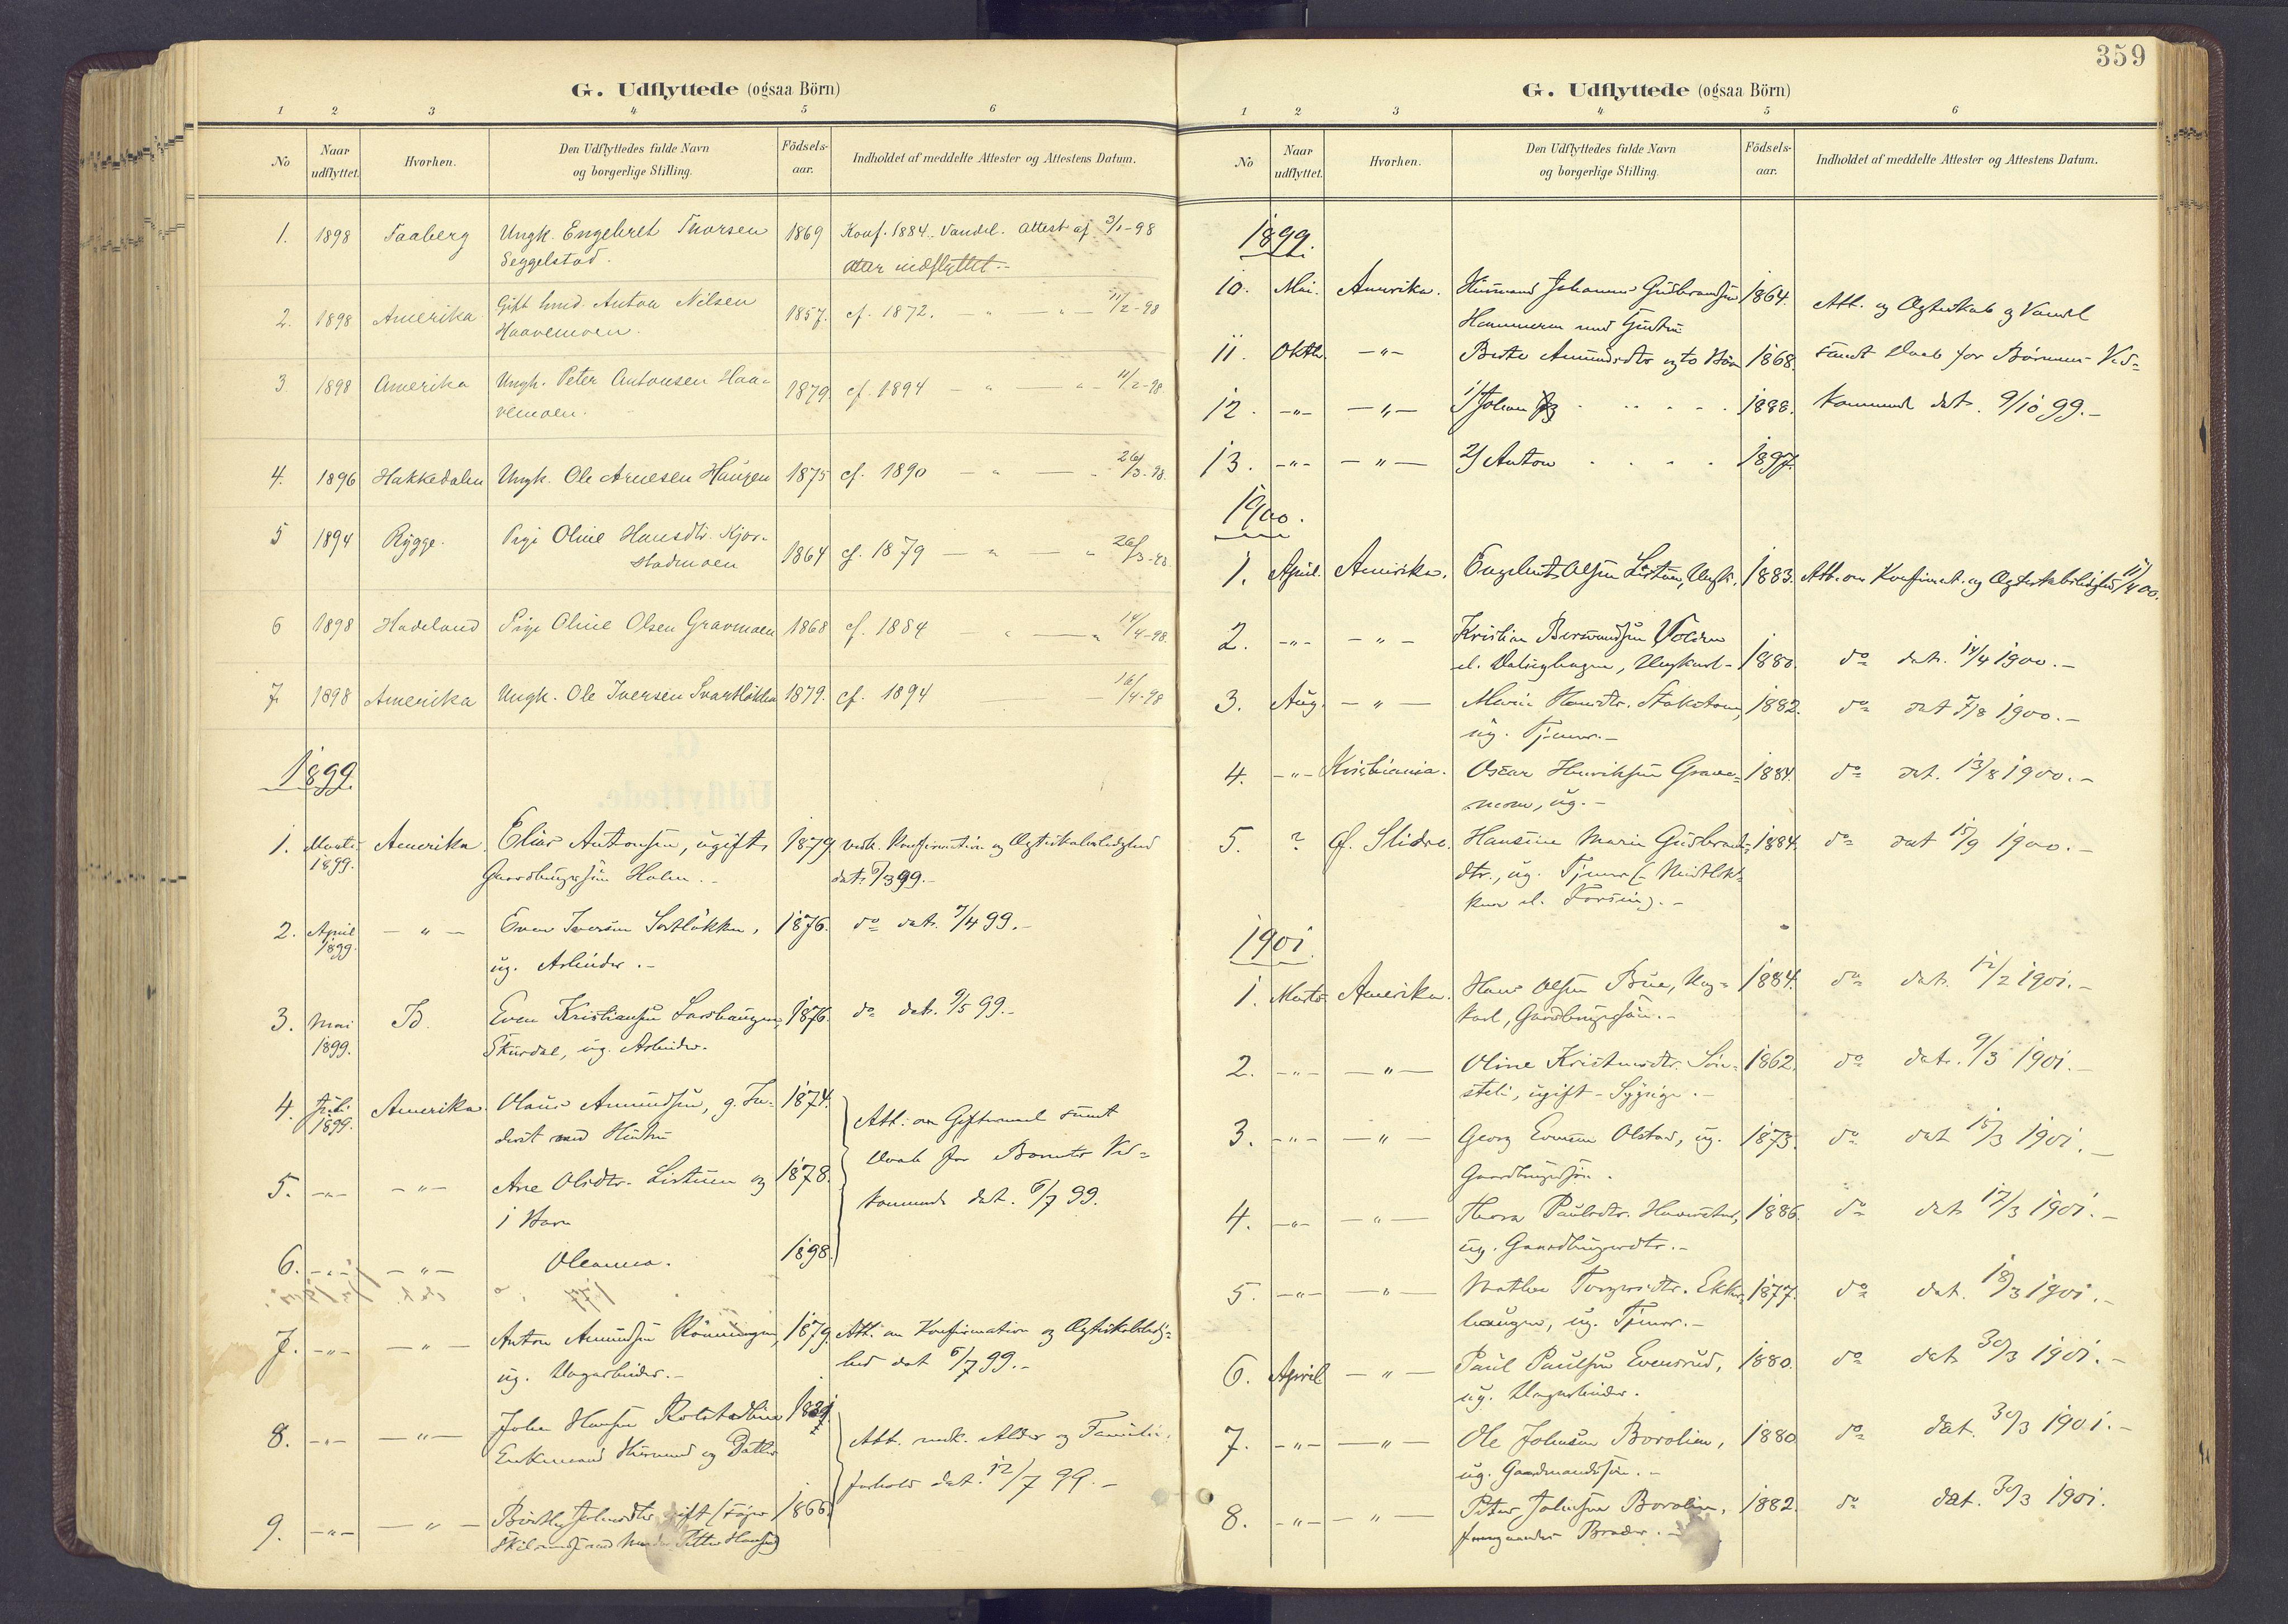 SAH, Sør-Fron prestekontor, H/Ha/Haa/L0004: Ministerialbok nr. 4, 1898-1919, s. 359